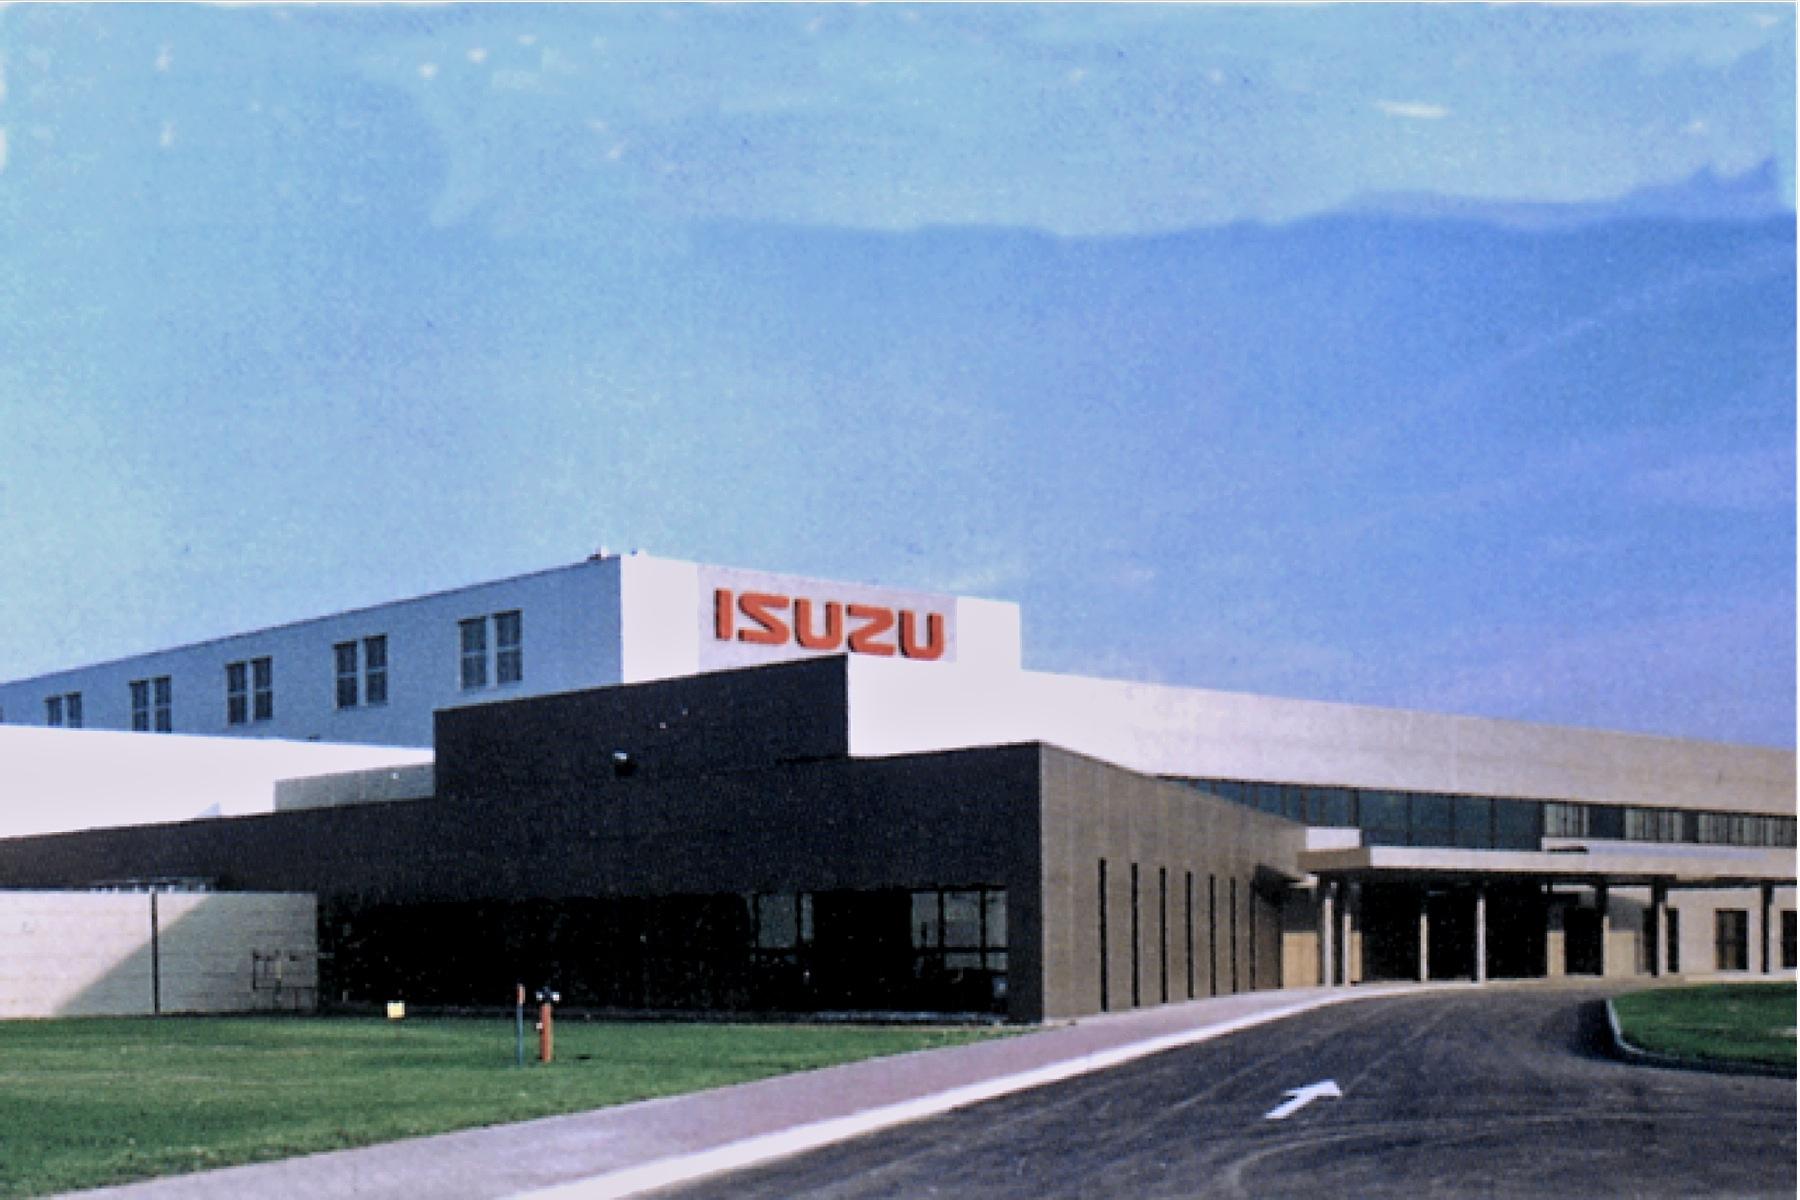 isuzu_002